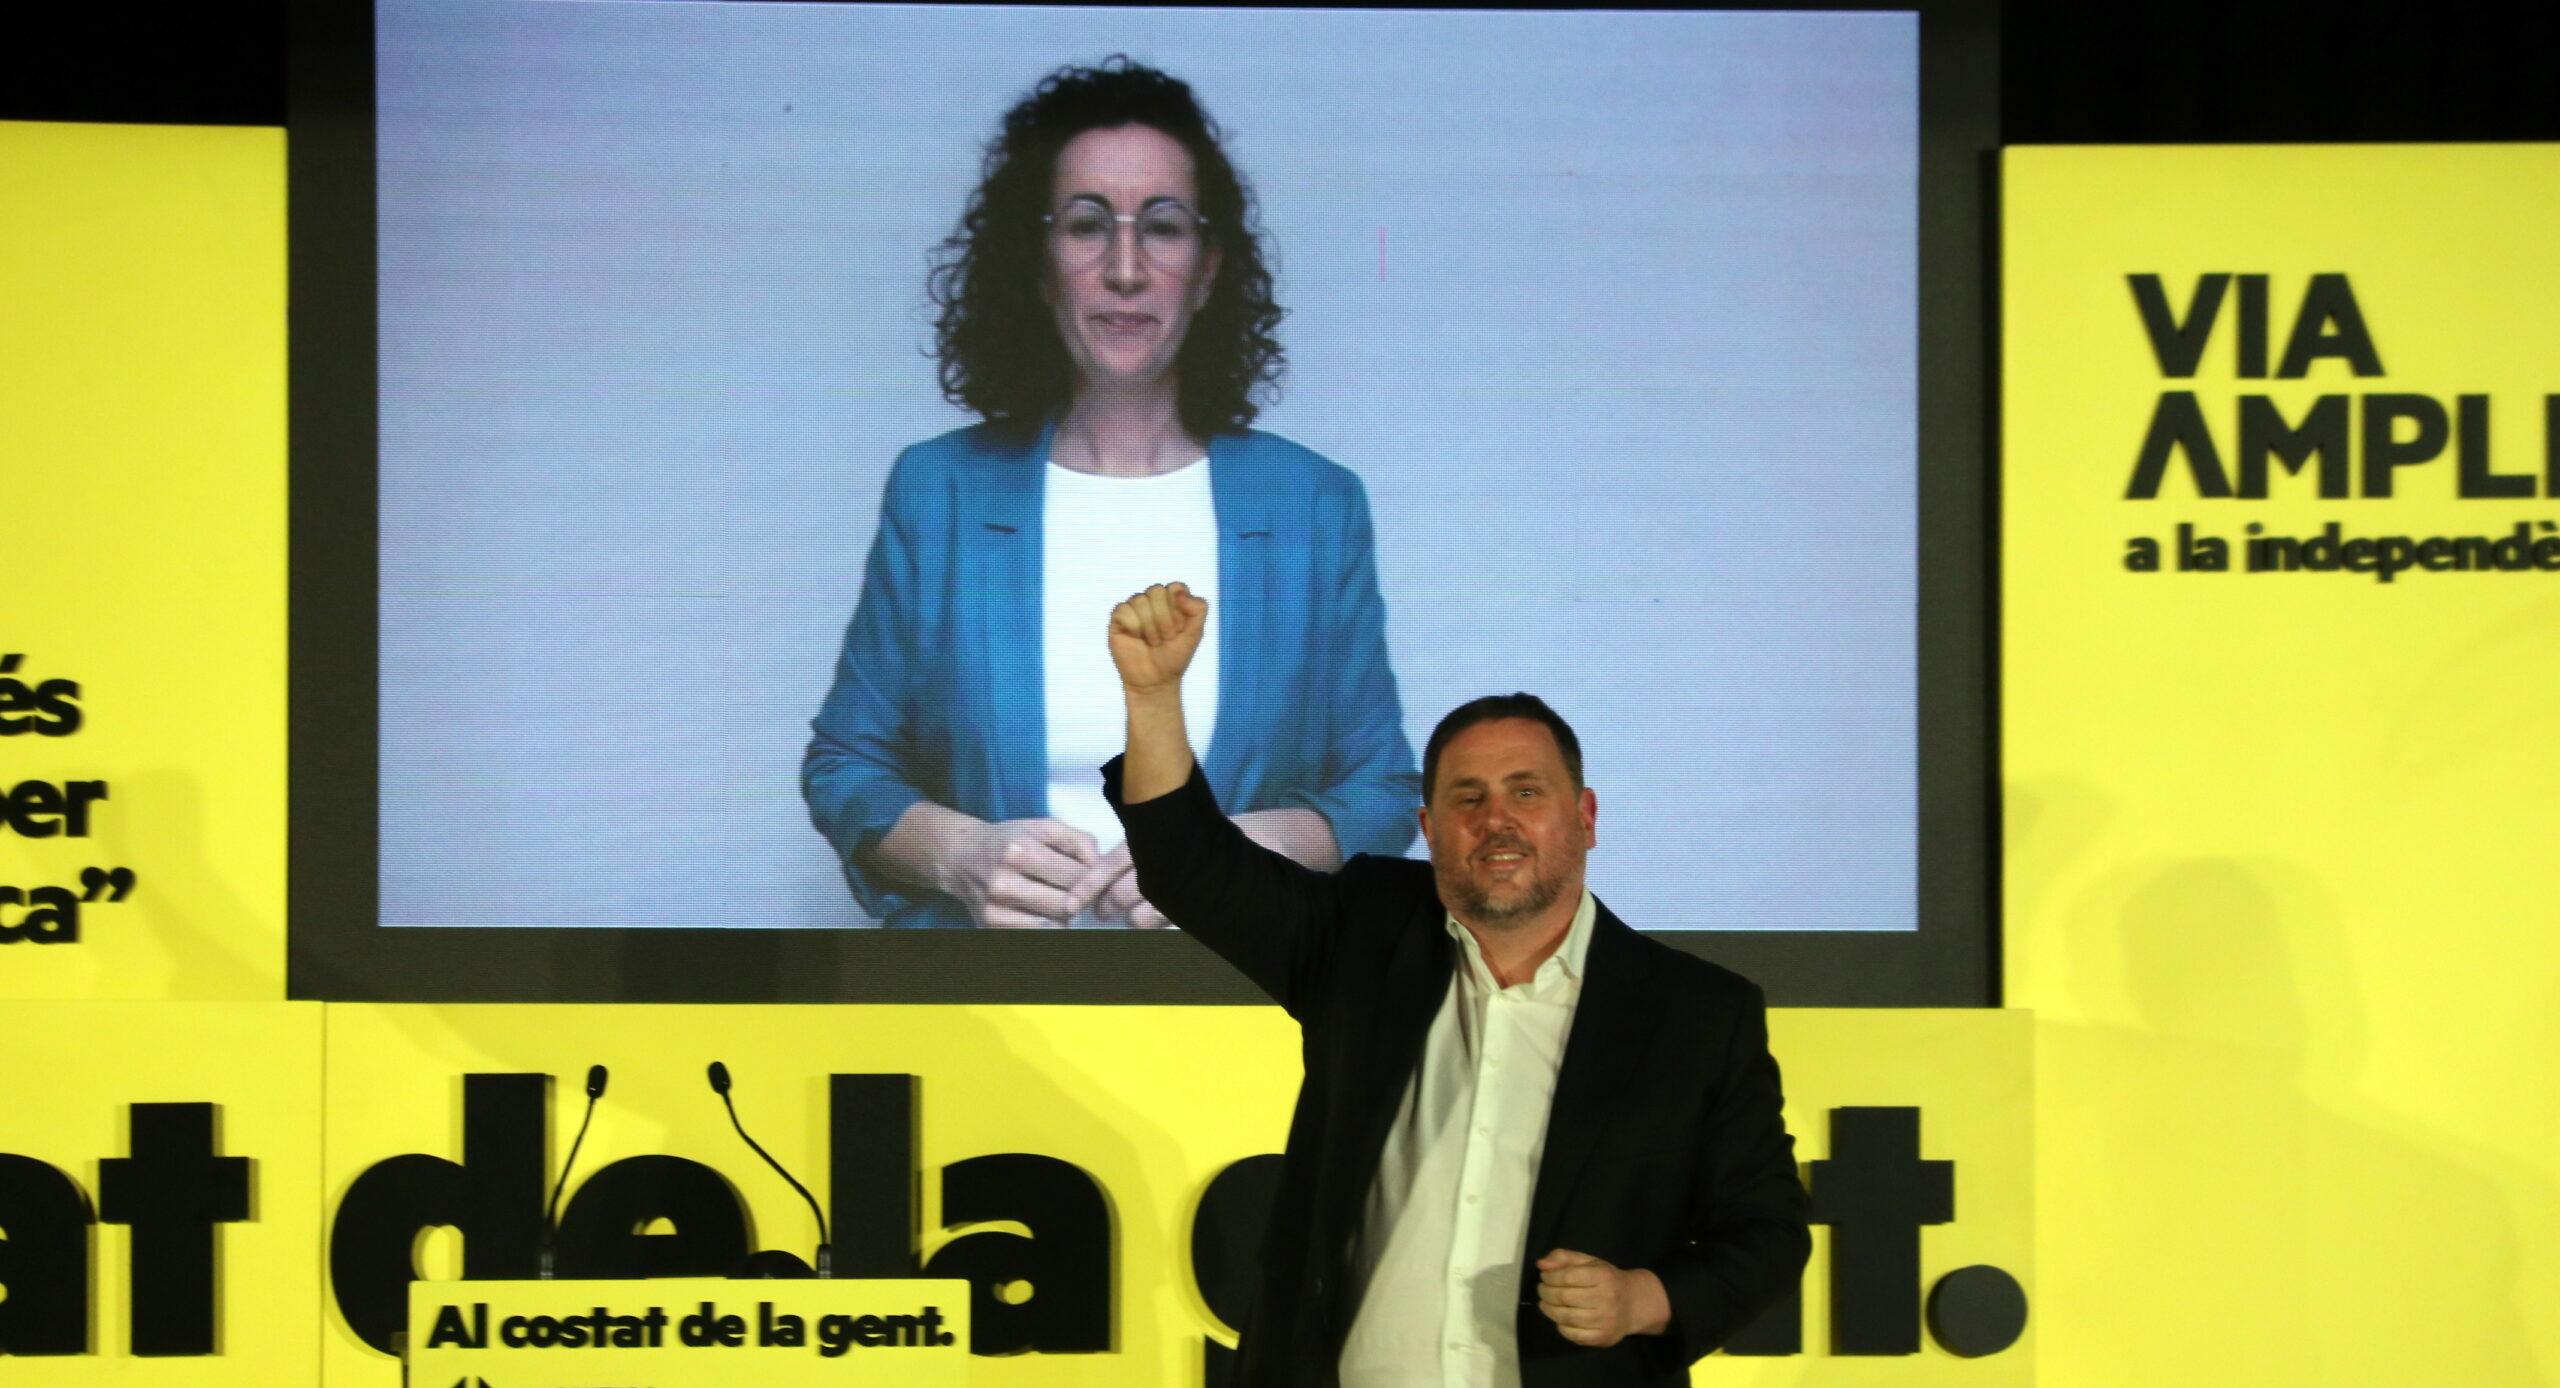 Oriol Junqueras amb Marta Rovira, de fons, a l'acte de tancament d'ERC, a les Cotxeres de Sants de Barcelona / ACN